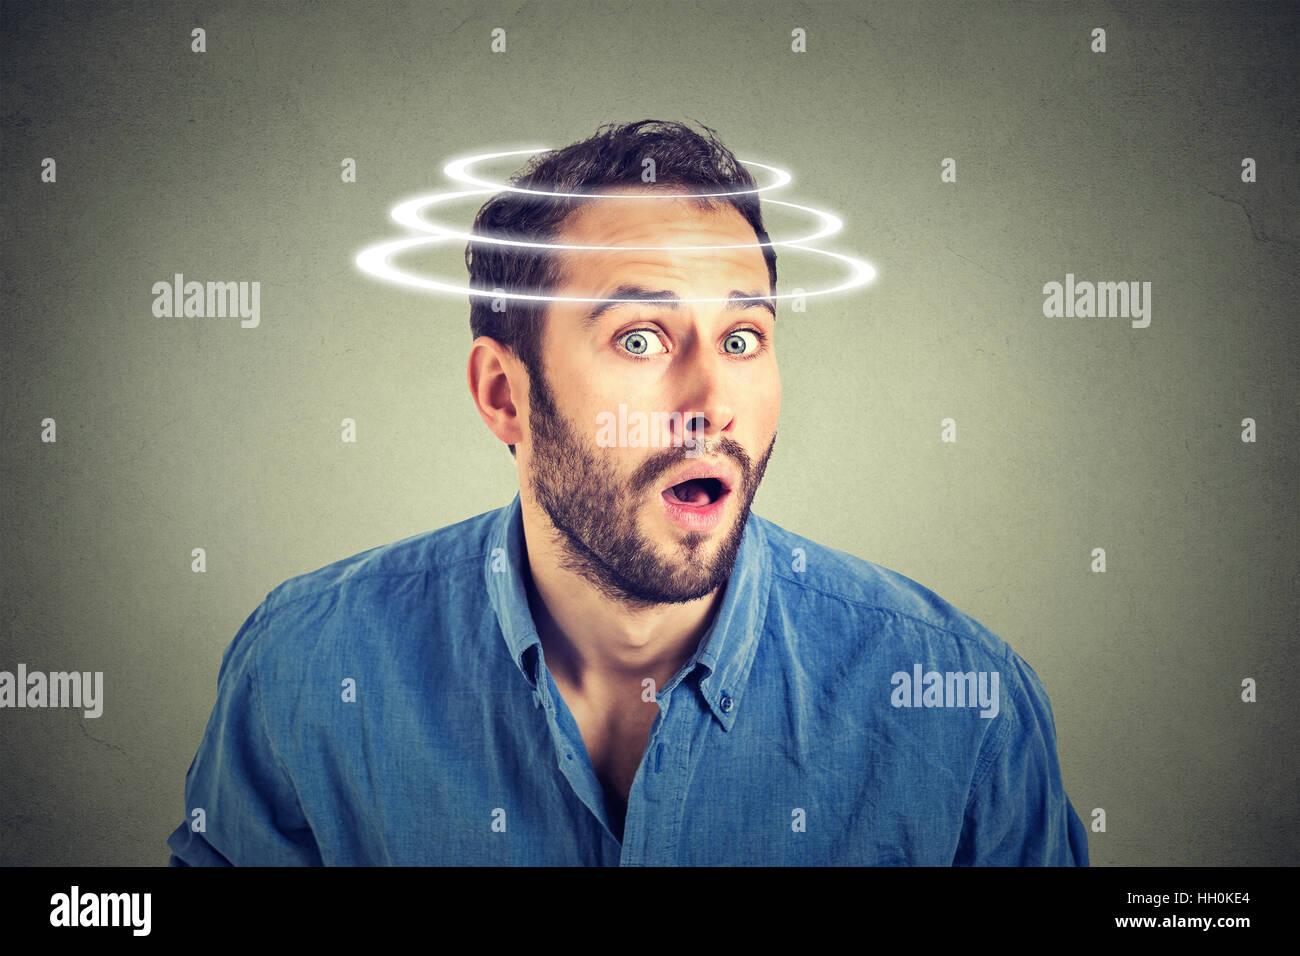 Cabeza está girando. El hombre asombrado por sorpresa. Hombre mirando sorprendido en plena incredulidad boca Imagen De Stock